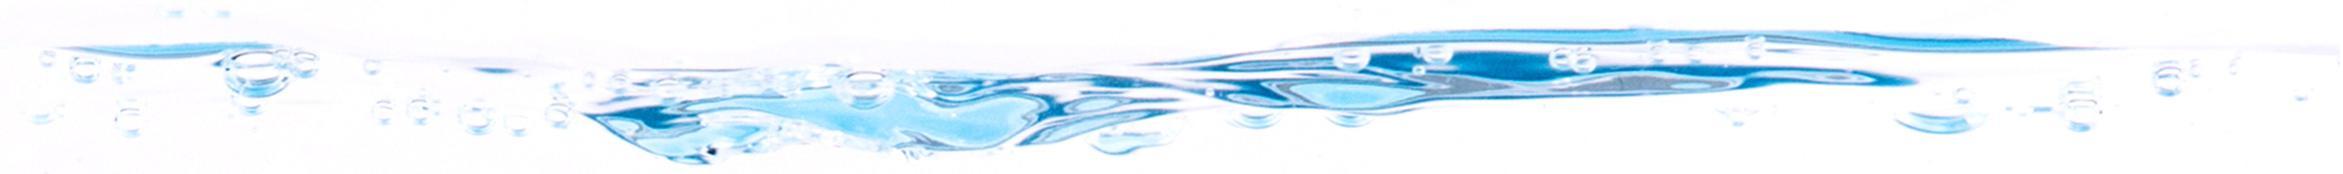 Een andere foto met water